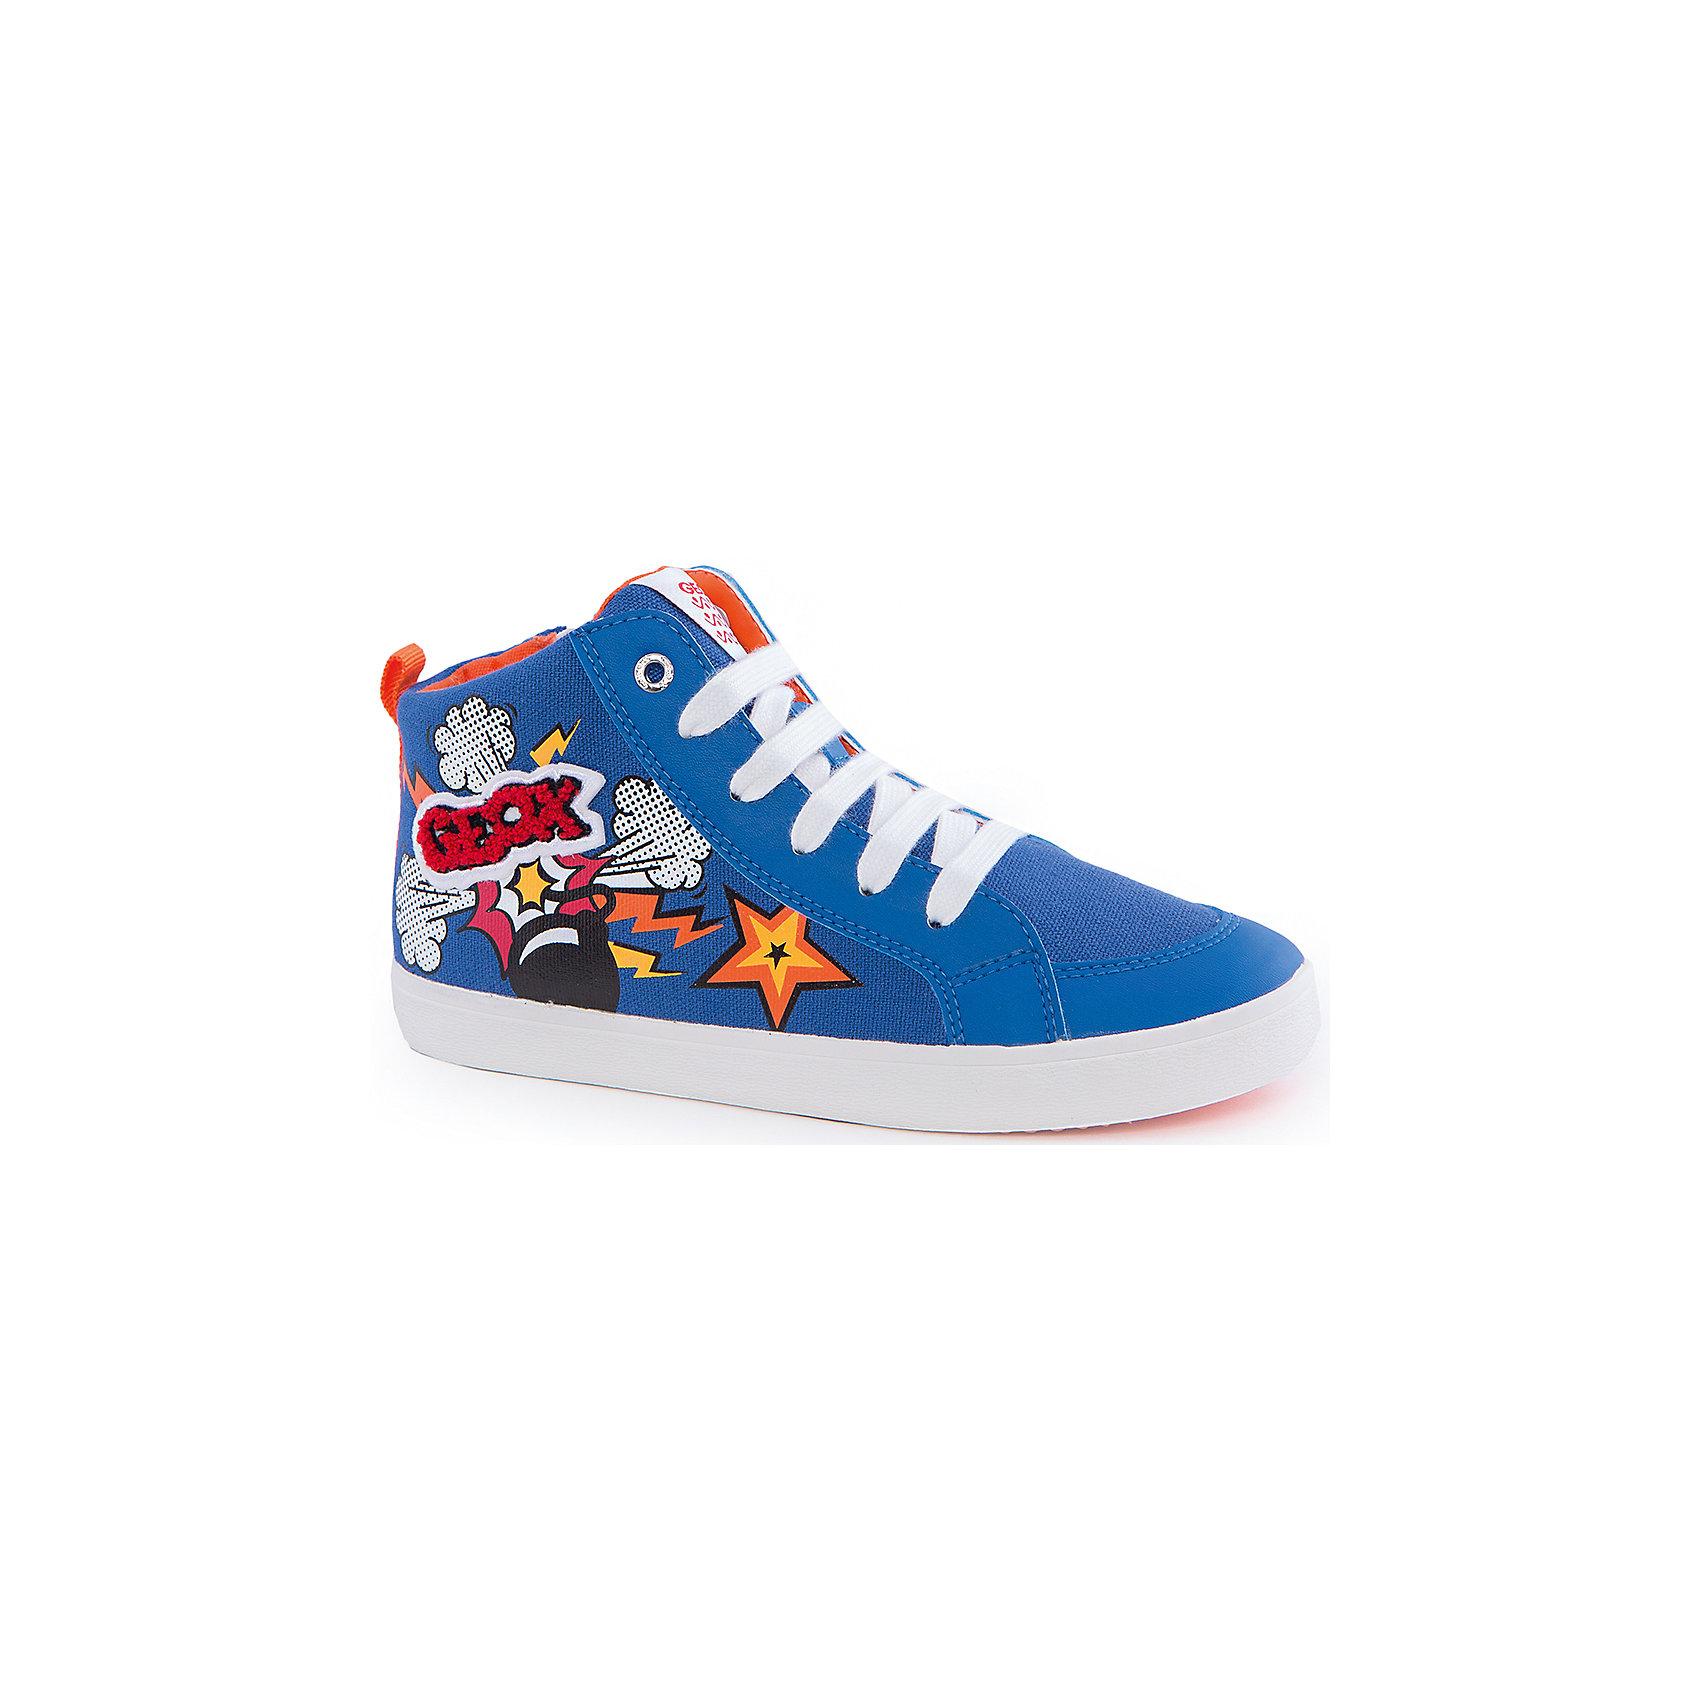 Кроссовки для мальчика GEOXКроссовки для мальчика от популярной марки GEOX (Геокс).<br><br>Легкие синие кроссовки - отличная выбор обуви для весны и лета! Модель очень стильно и оригинально смотрится.<br>Производитель обуви заботится не только о внешнем виде, но и стабильно высоком качестве продукции. GEOX (Геокс) разработал специальную дышащую подошву, которая не пропускает влагу внутрь, а также высокотехнологичную стельку.<br><br>Отличительные особенности модели:<br><br>- цвет: синий;<br>- декорированы ярким принтом и аппликацией;<br>- гибкая водоотталкивающая подошва с дышащей мембраной;<br>- мягкий и легкий верх;<br>- защита пальцев ;<br>- стильный дизайн;<br>- удобная шнуровка, молния;<br>- комфортное облегание;<br>- верх обуви и подкладка сделаны без использования хрома.<br><br>Дополнительная информация:<br><br>- Температурный режим: от +10° С до 25° С.<br><br>- Состав:<br><br>материал верха: текстиль, синтетический материал<br>материал подкладки: текстиль<br>подошва: 100% резина<br><br>Кроссовки для мальчика GEOX (Геокс) (Геокс) можно купить в нашем магазине.<br><br>Ширина мм: 250<br>Глубина мм: 150<br>Высота мм: 150<br>Вес г: 250<br>Цвет: синий<br>Возраст от месяцев: 156<br>Возраст до месяцев: 168<br>Пол: Мужской<br>Возраст: Детский<br>Размер: 33,28,29,31,30,37,32,38,39,36,35,34<br>SKU: 4519289